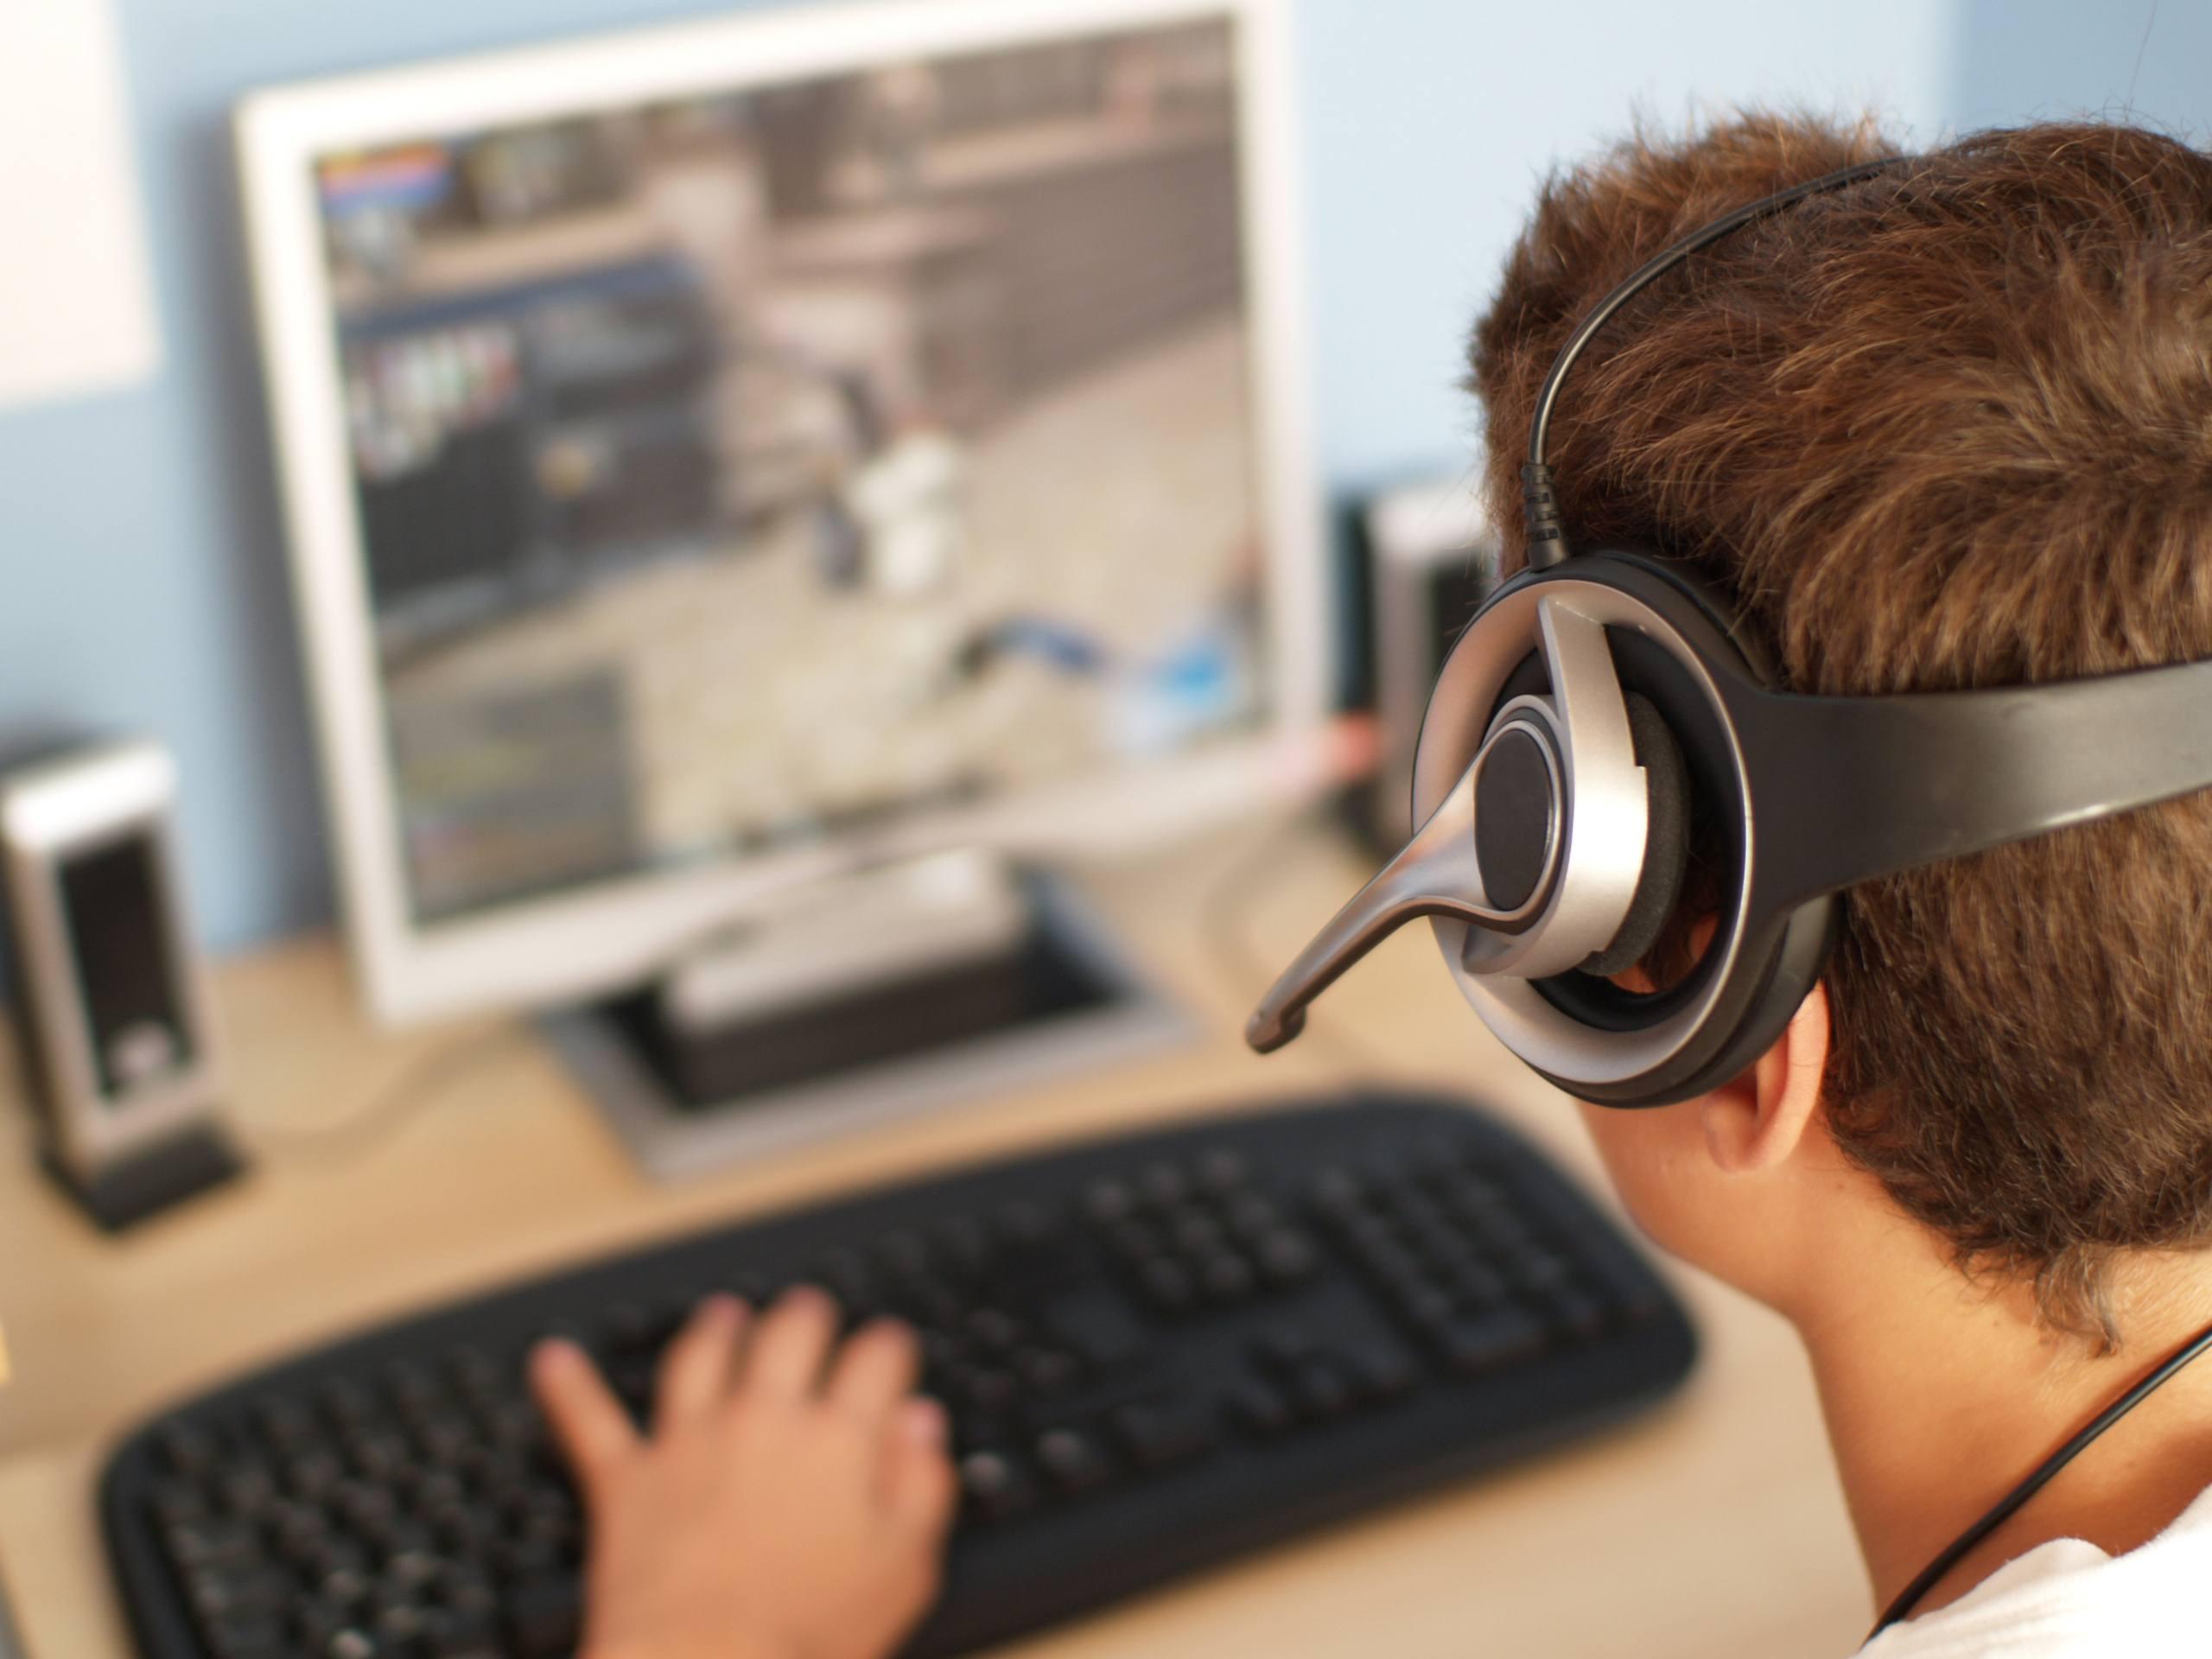 Online gamer.